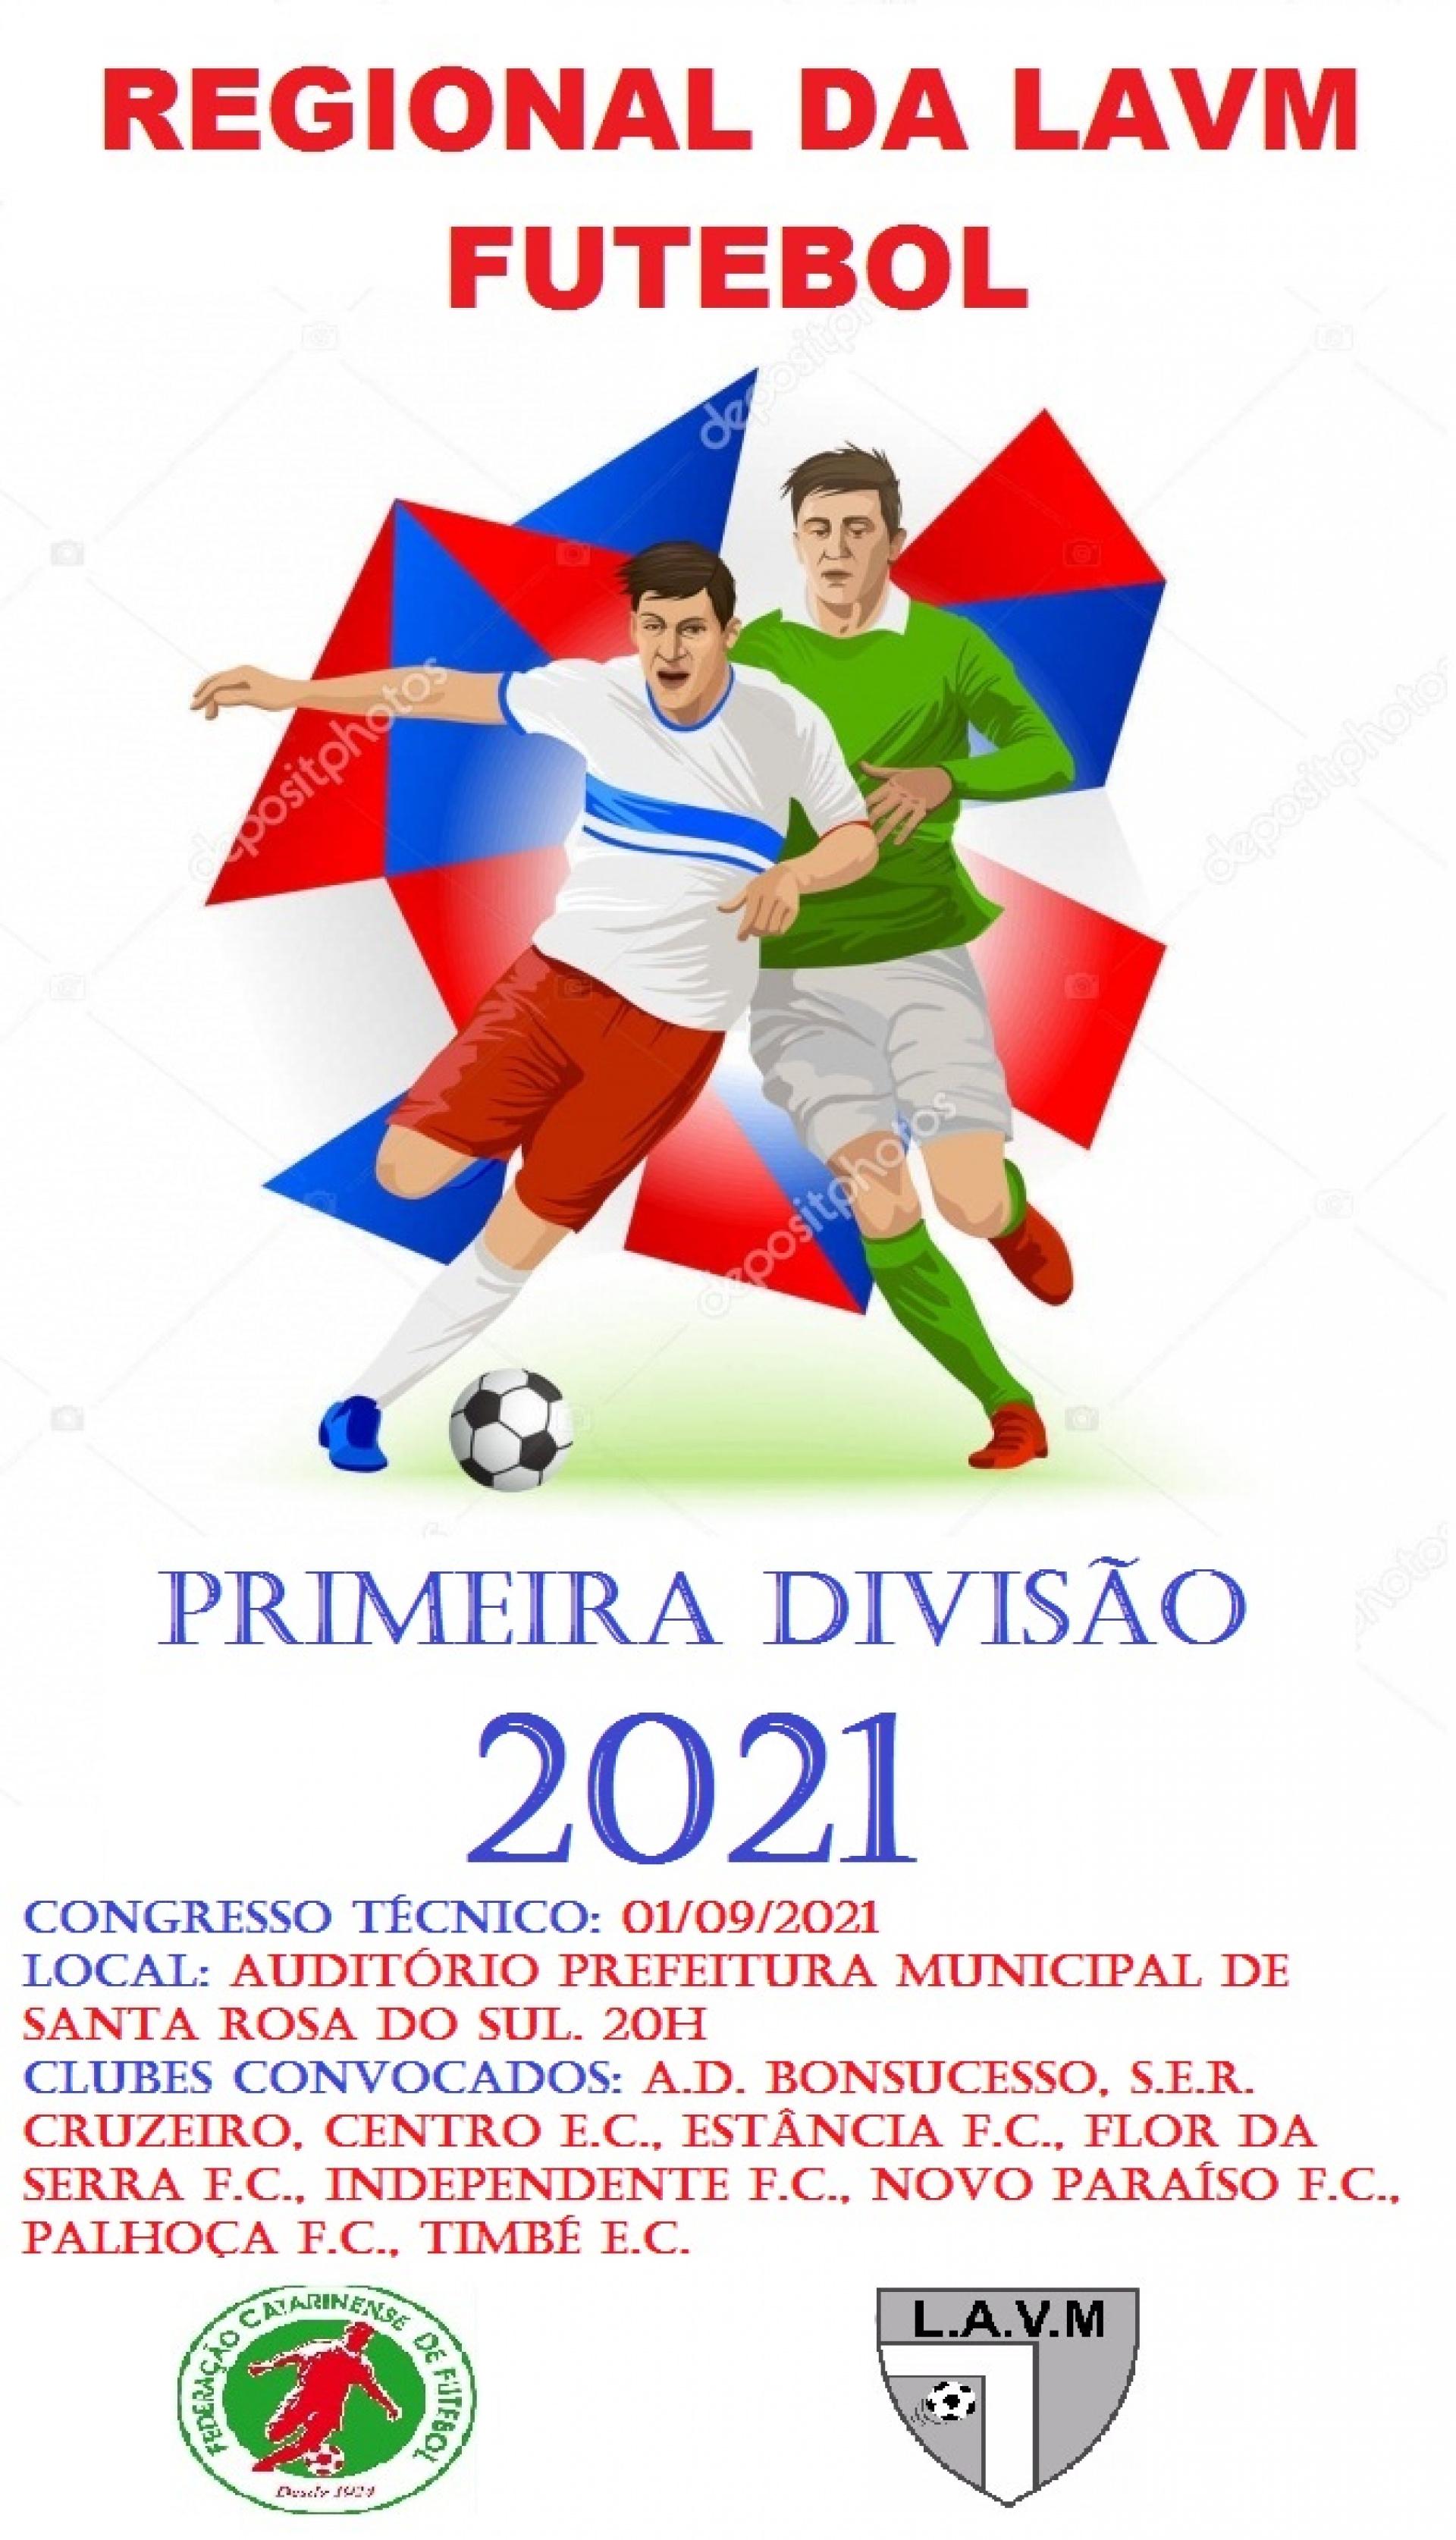 LAVM DIVULGA LOCAL E DATA DO CONGRESSO TÉCNICO DO REGIONAL DA PRIMEIRA DIVISÃO 2021